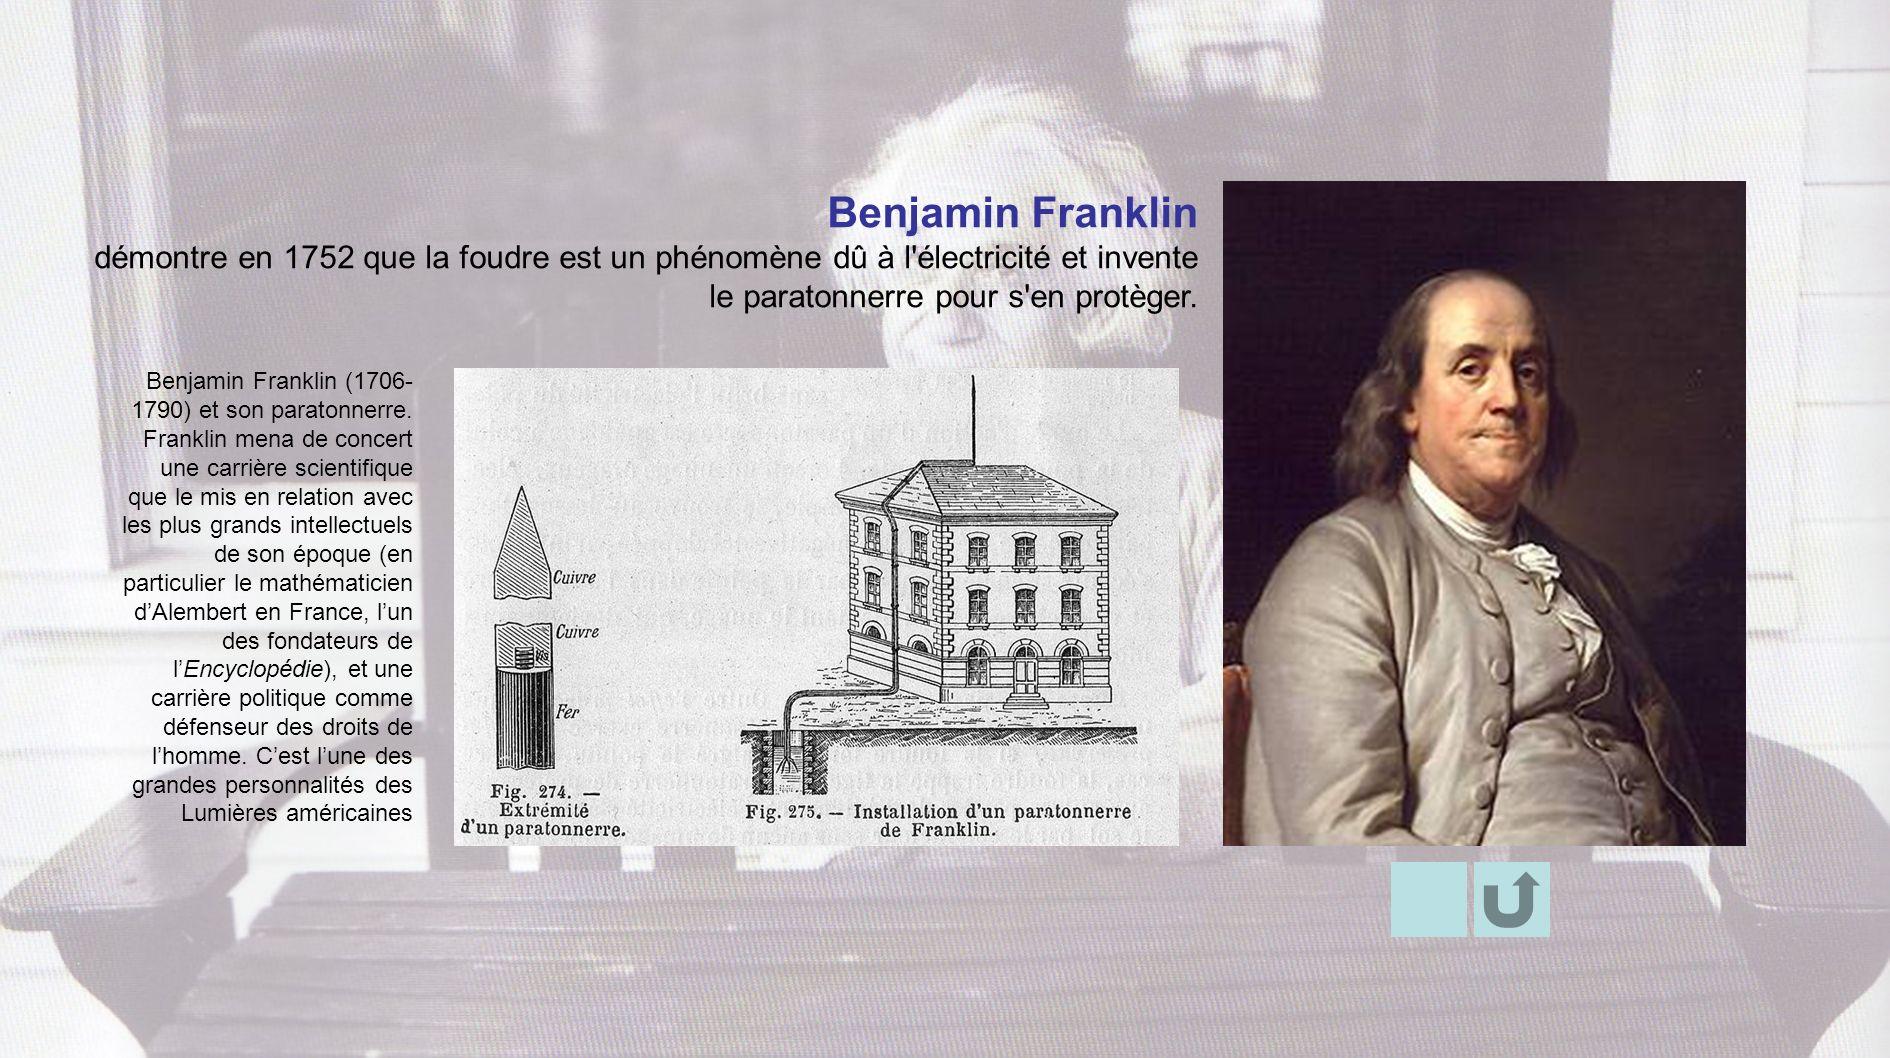 Benjamin Franklin démontre en 1752 que la foudre est un phénomène dû à l électricité et invente le paratonnerre pour s en protèger.